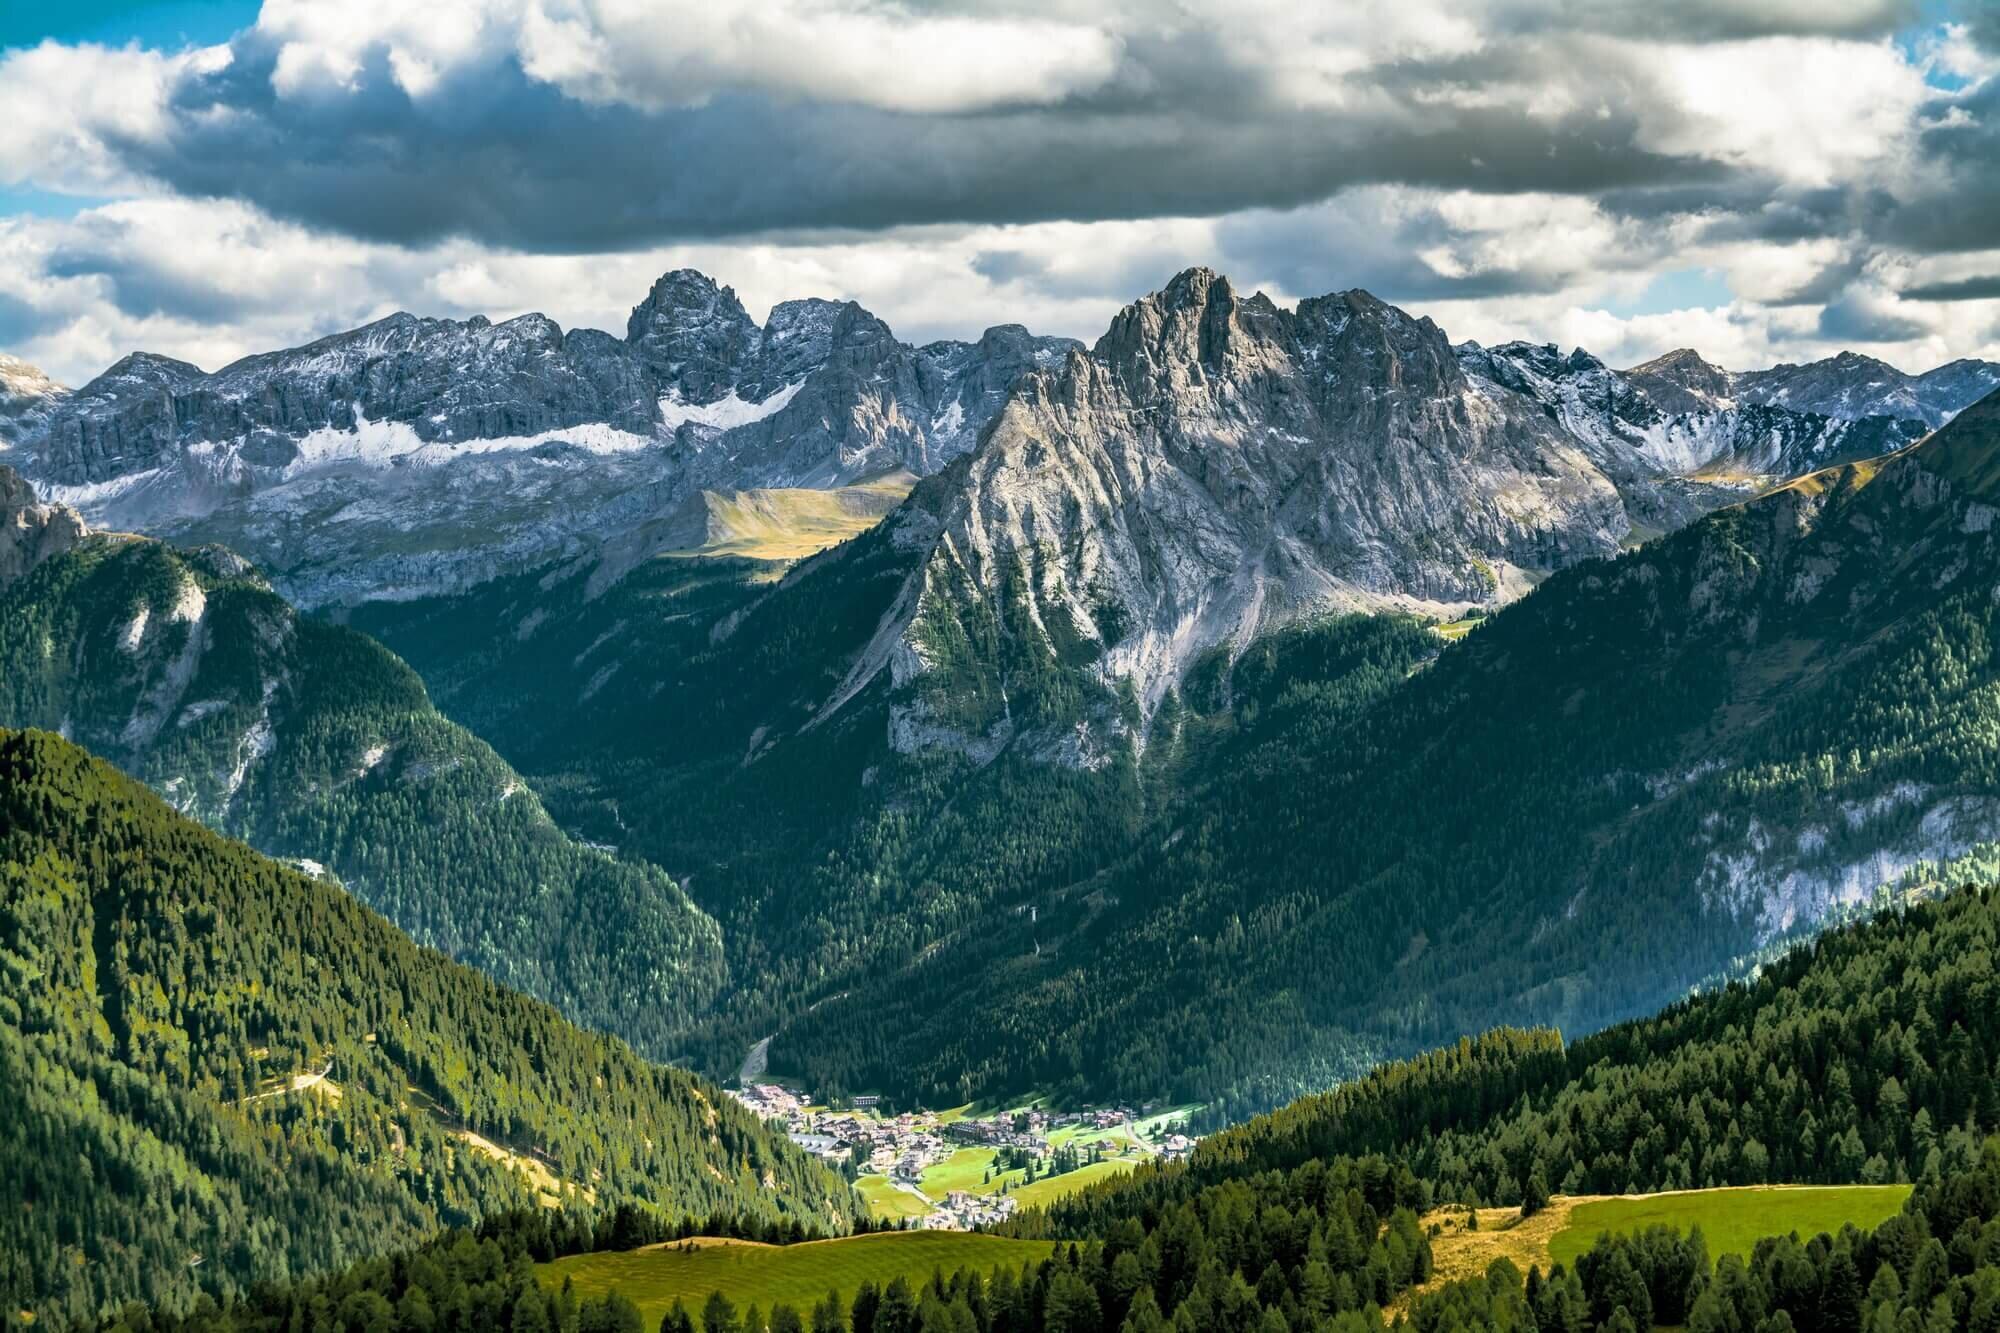 האלפים הדולומיטים, איטליה - Dolomites alps, Italy